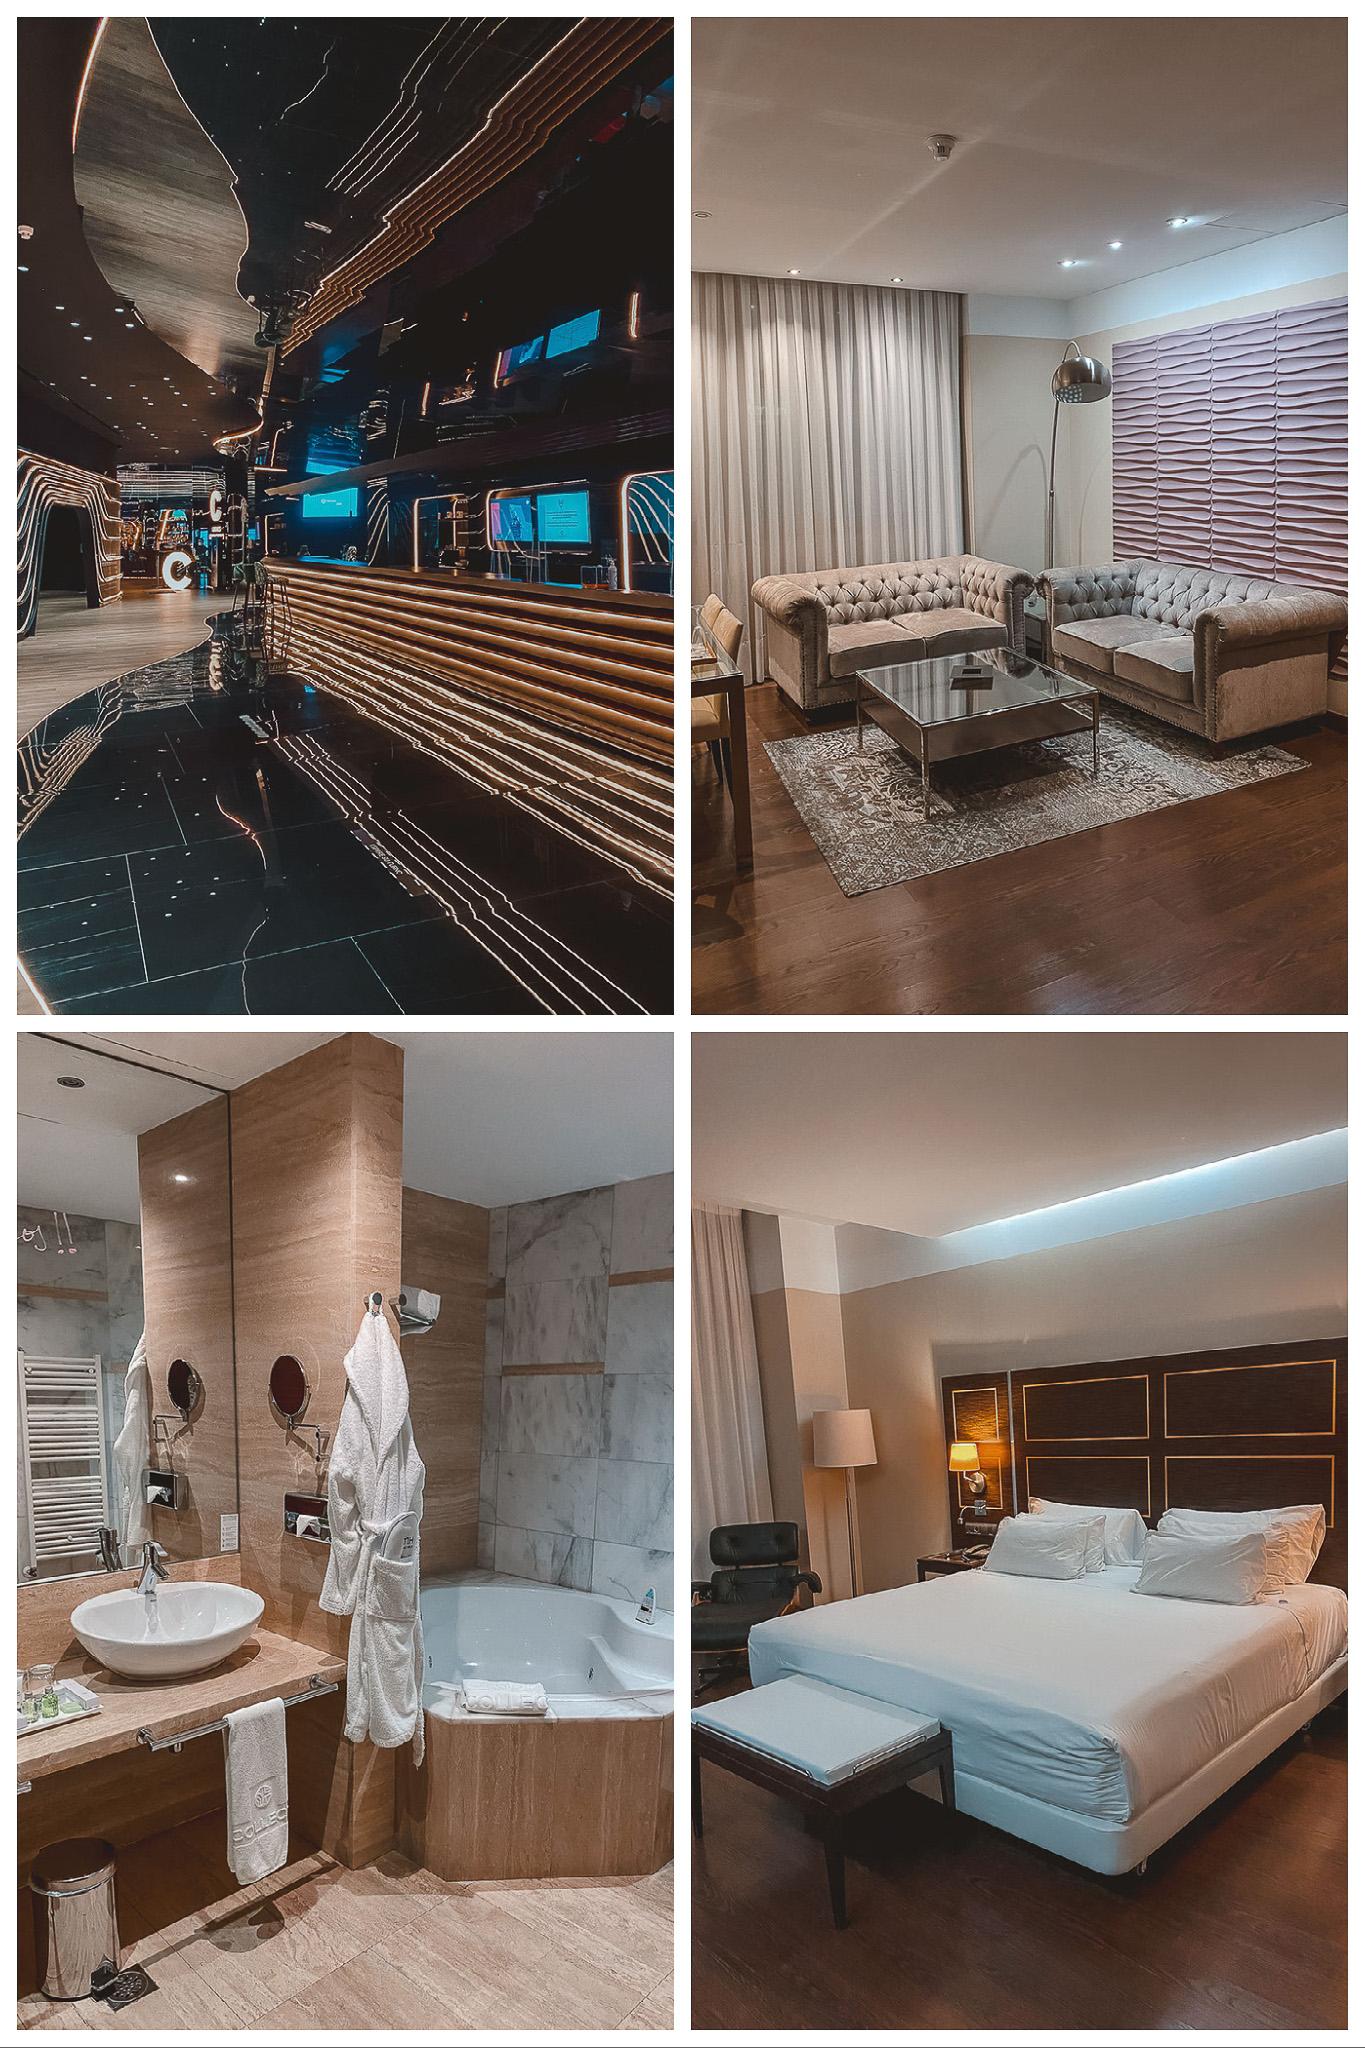 donde dormir hotel curioso extremadura Entre Encinas y Estrellas